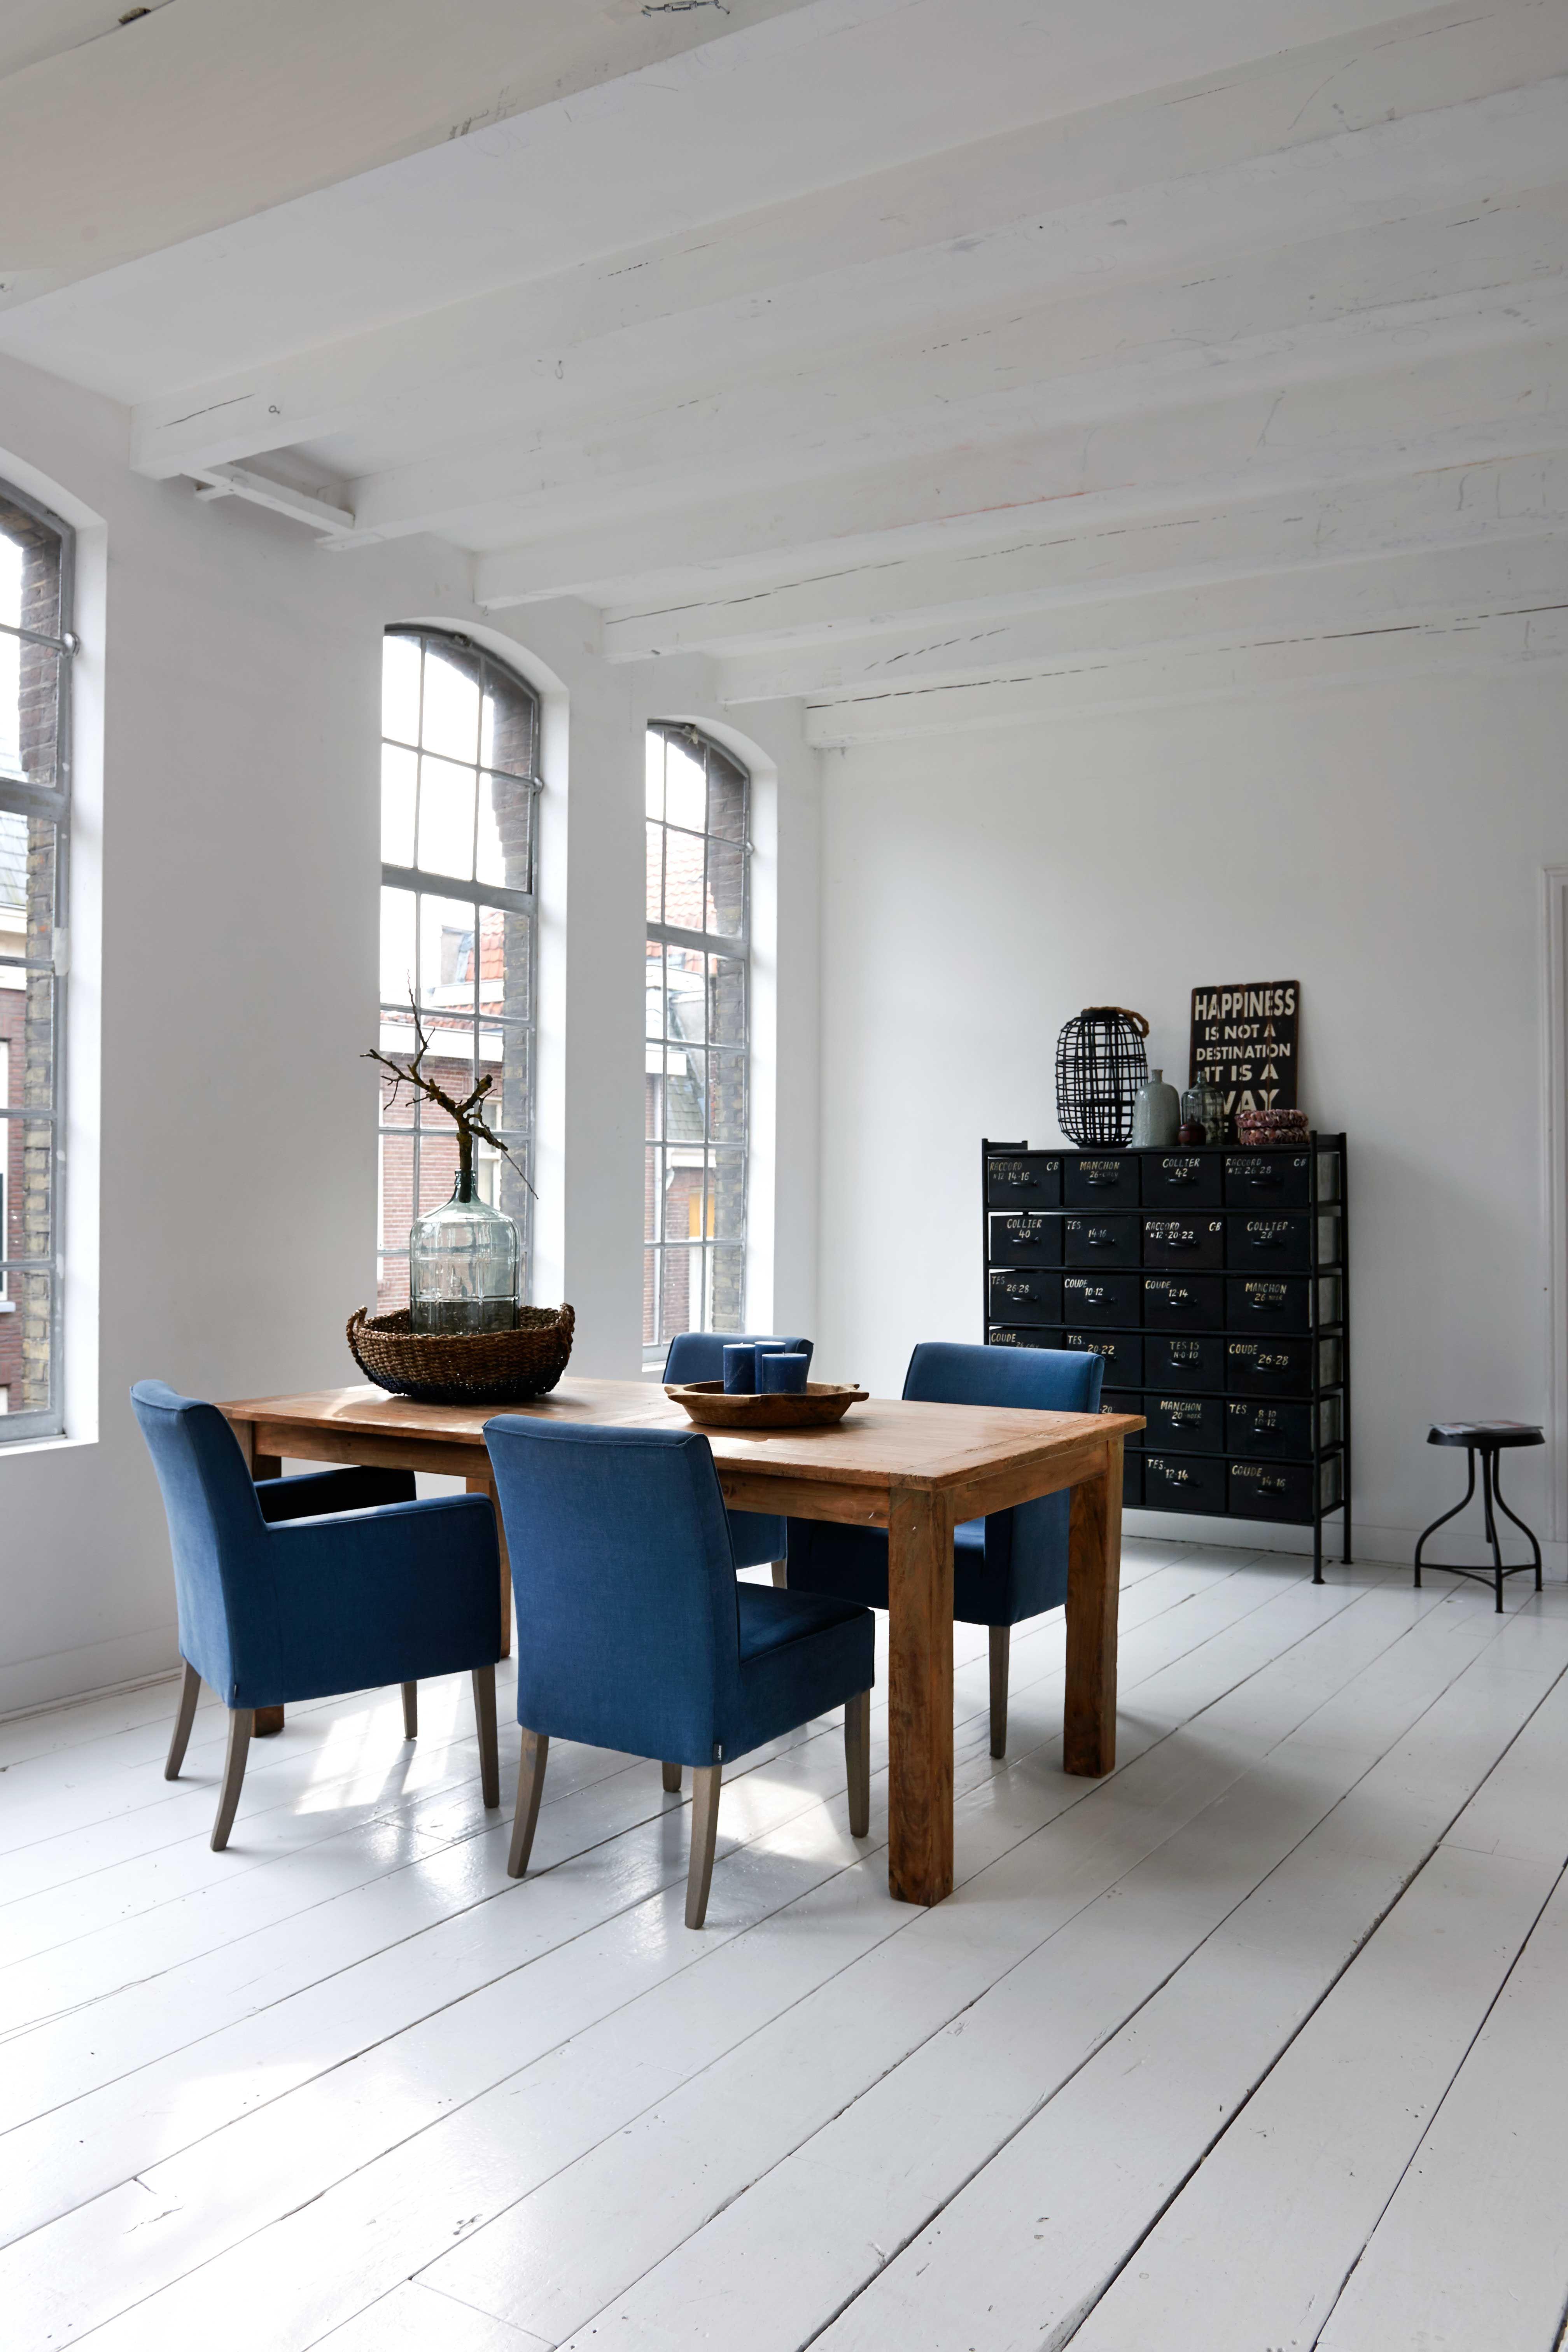 Eetkamerstoelen Leer Huis En Inrichting.Blauwe Eetkamerstoelen In Een Rustige Basis Inrichting Huis